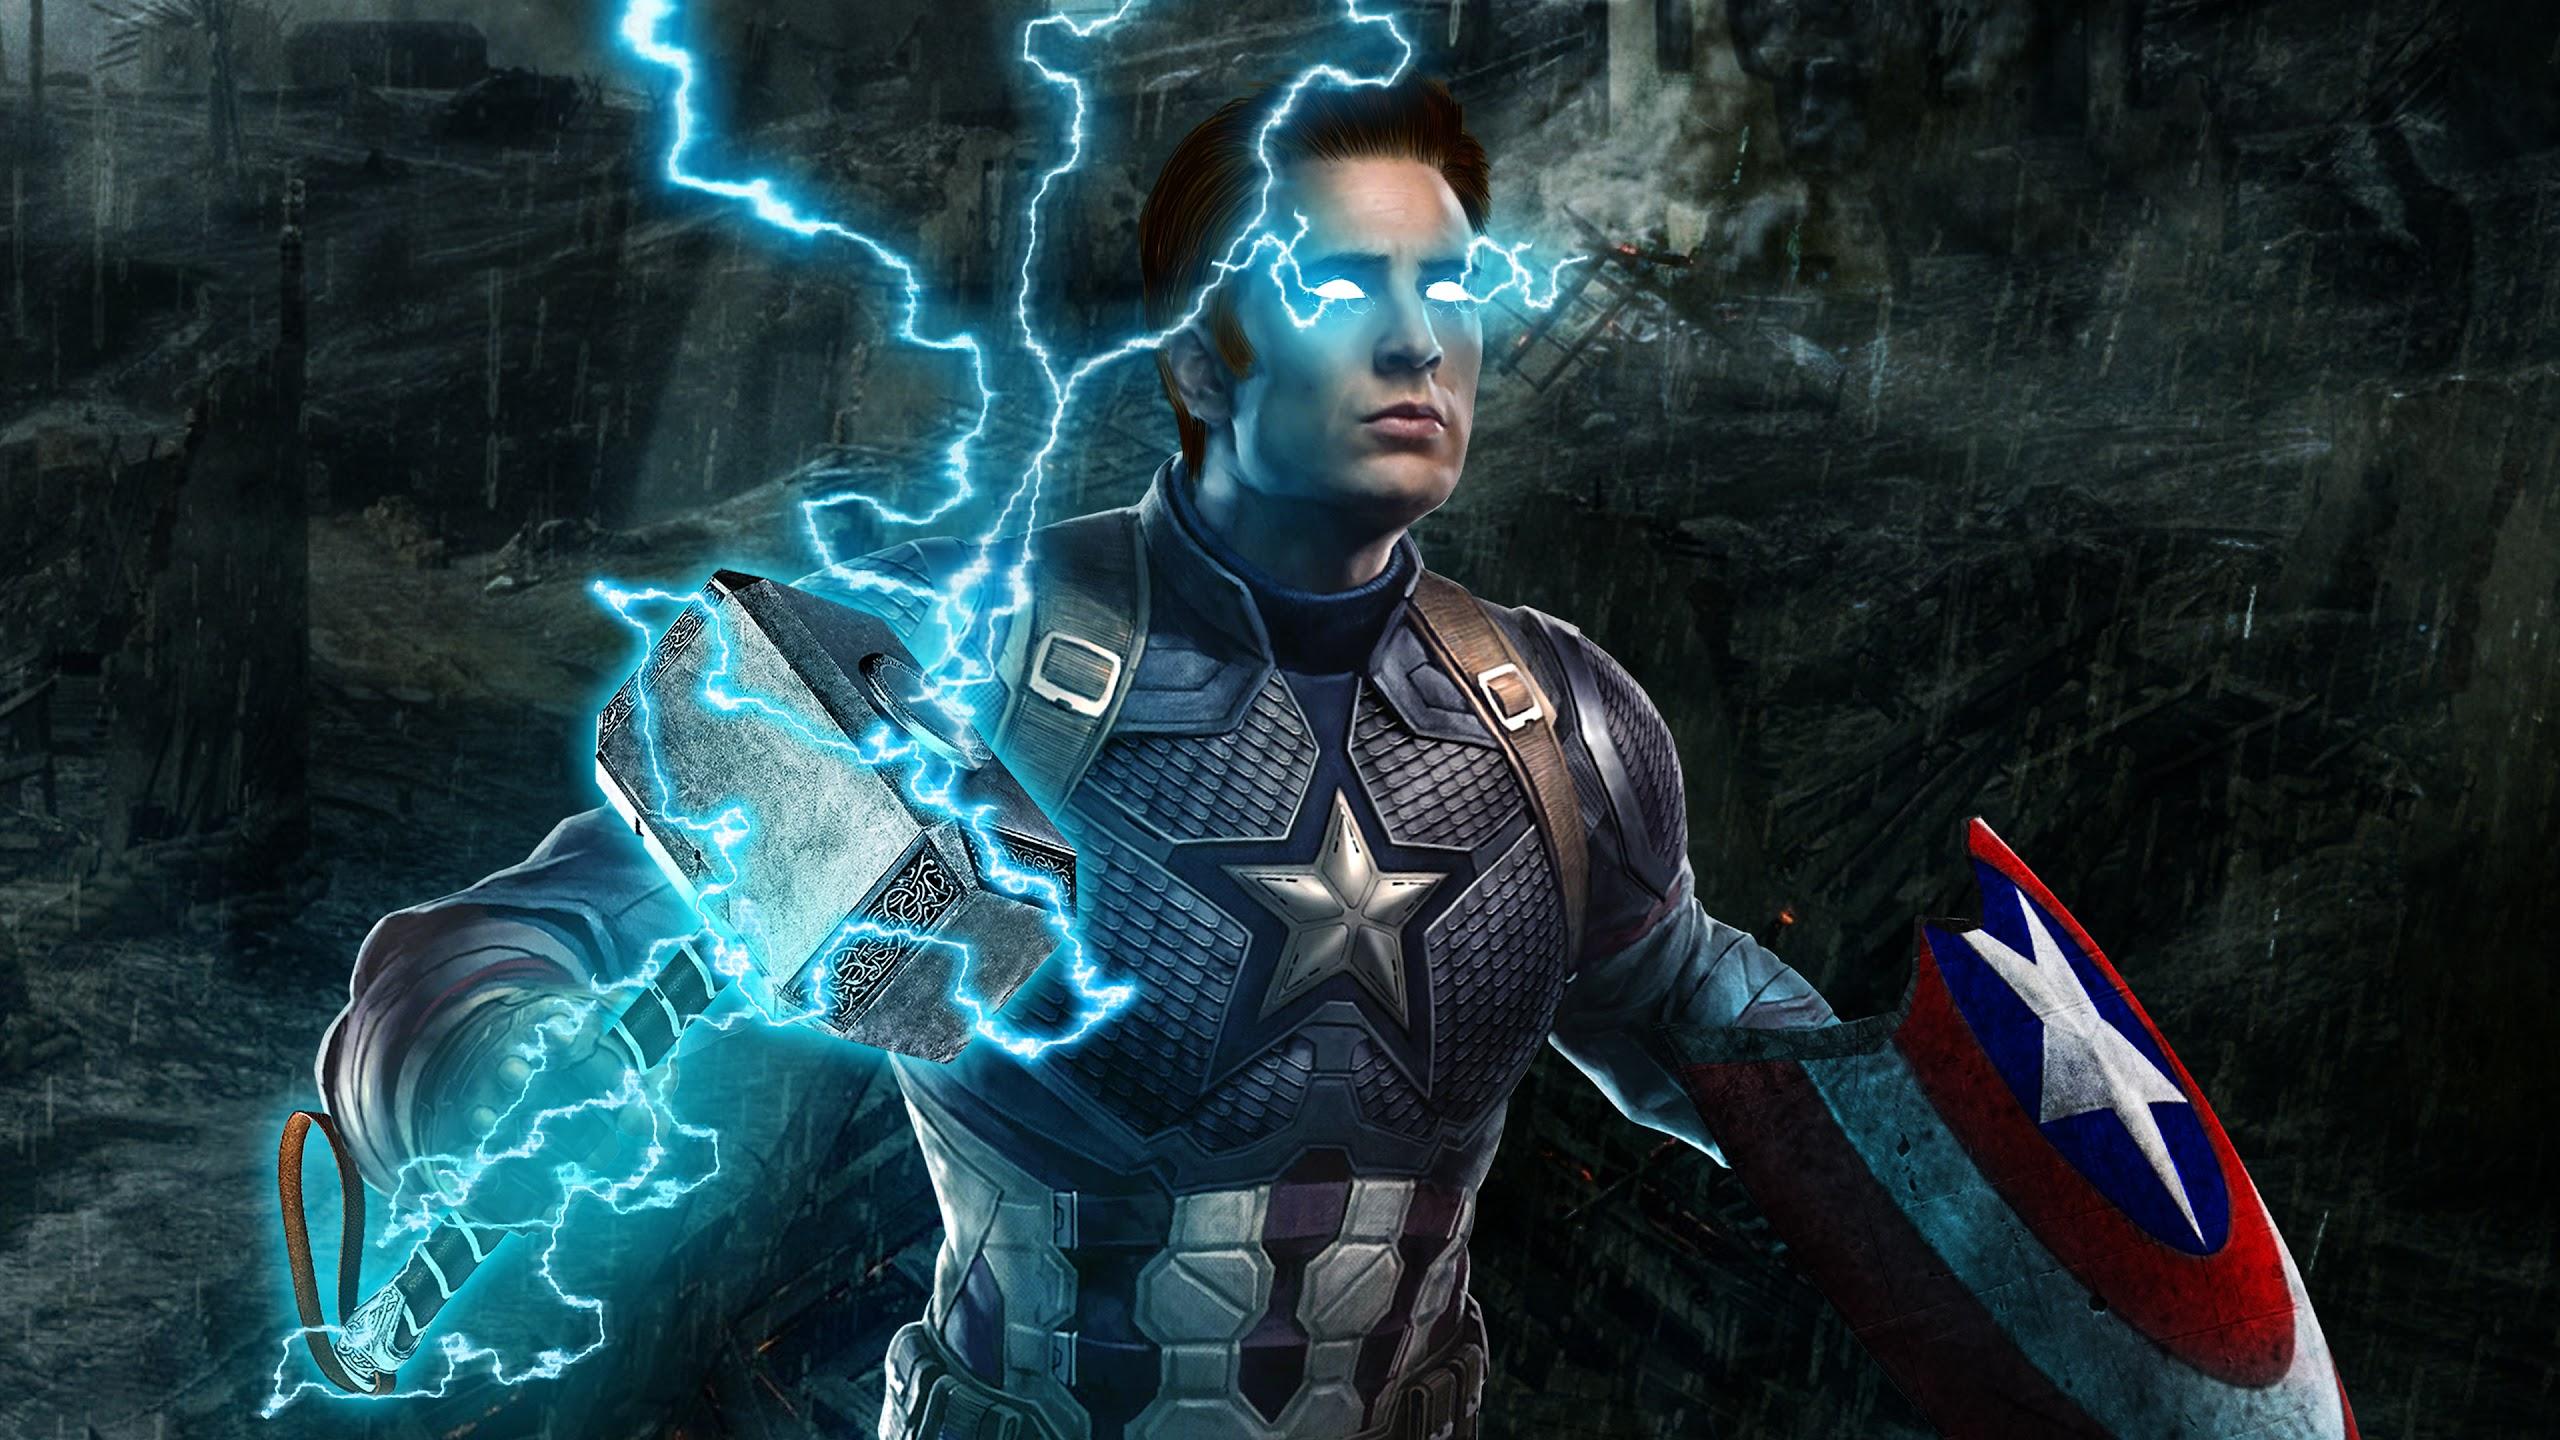 Download 400+ Wallpaper Apple Captain America HD Gratis